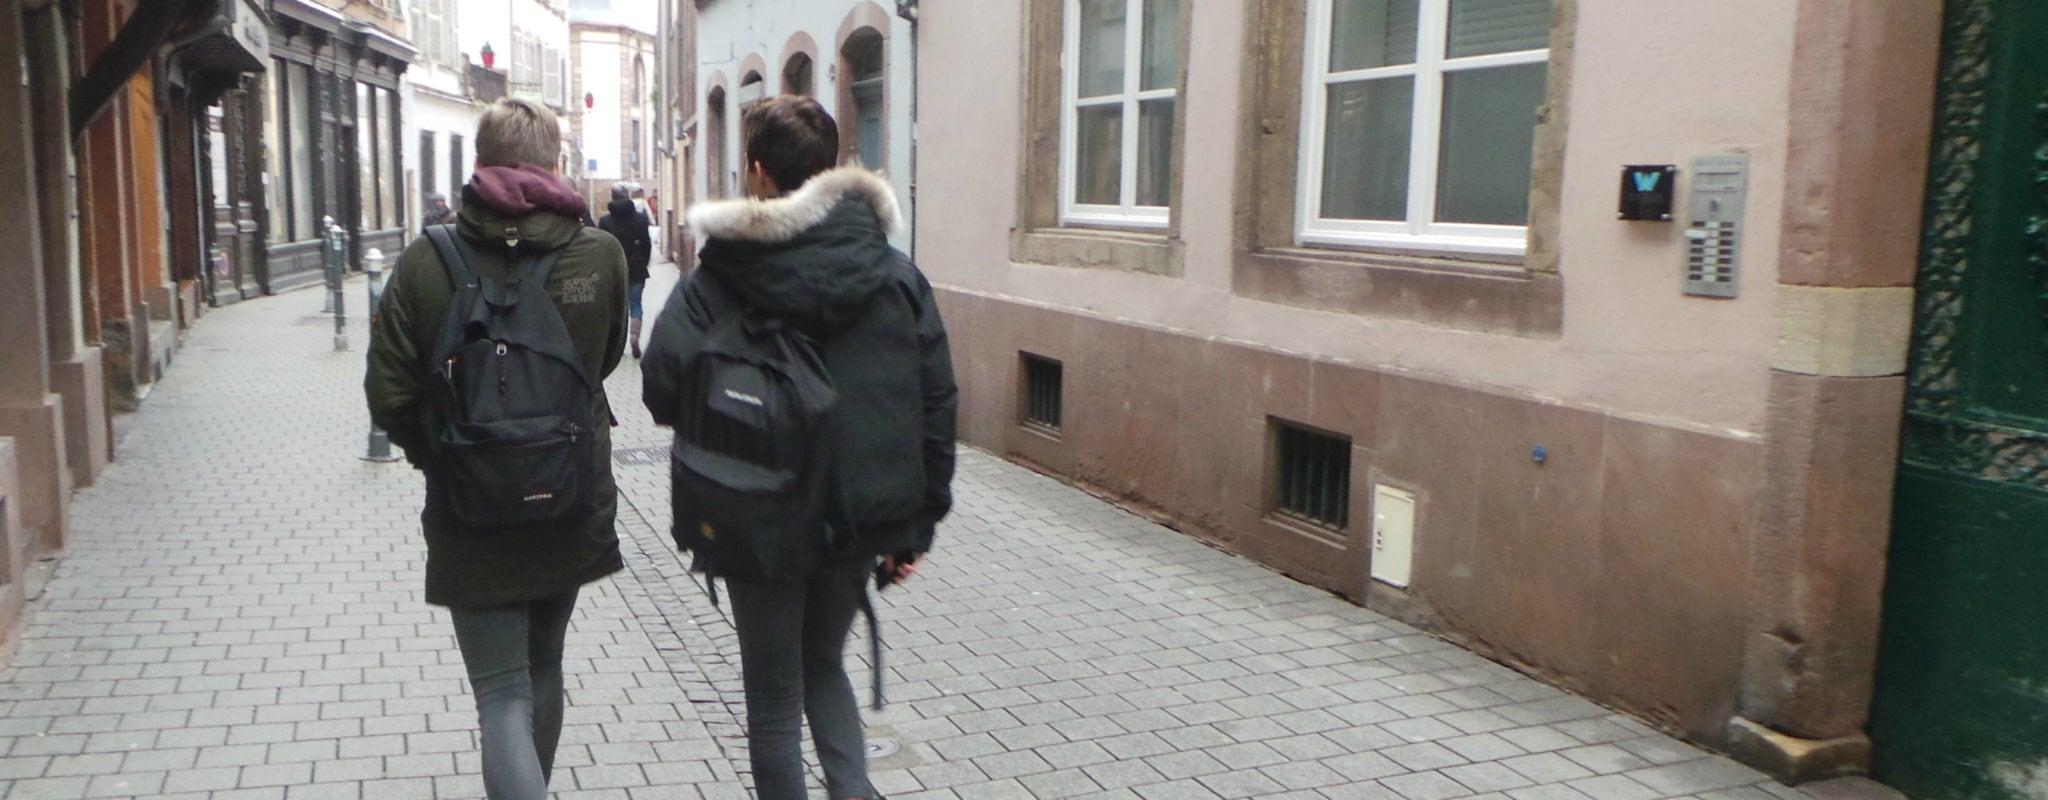 Pour que leurs élèves ne dorment pas dehors, des professeurs se mobilisent à la Meinau